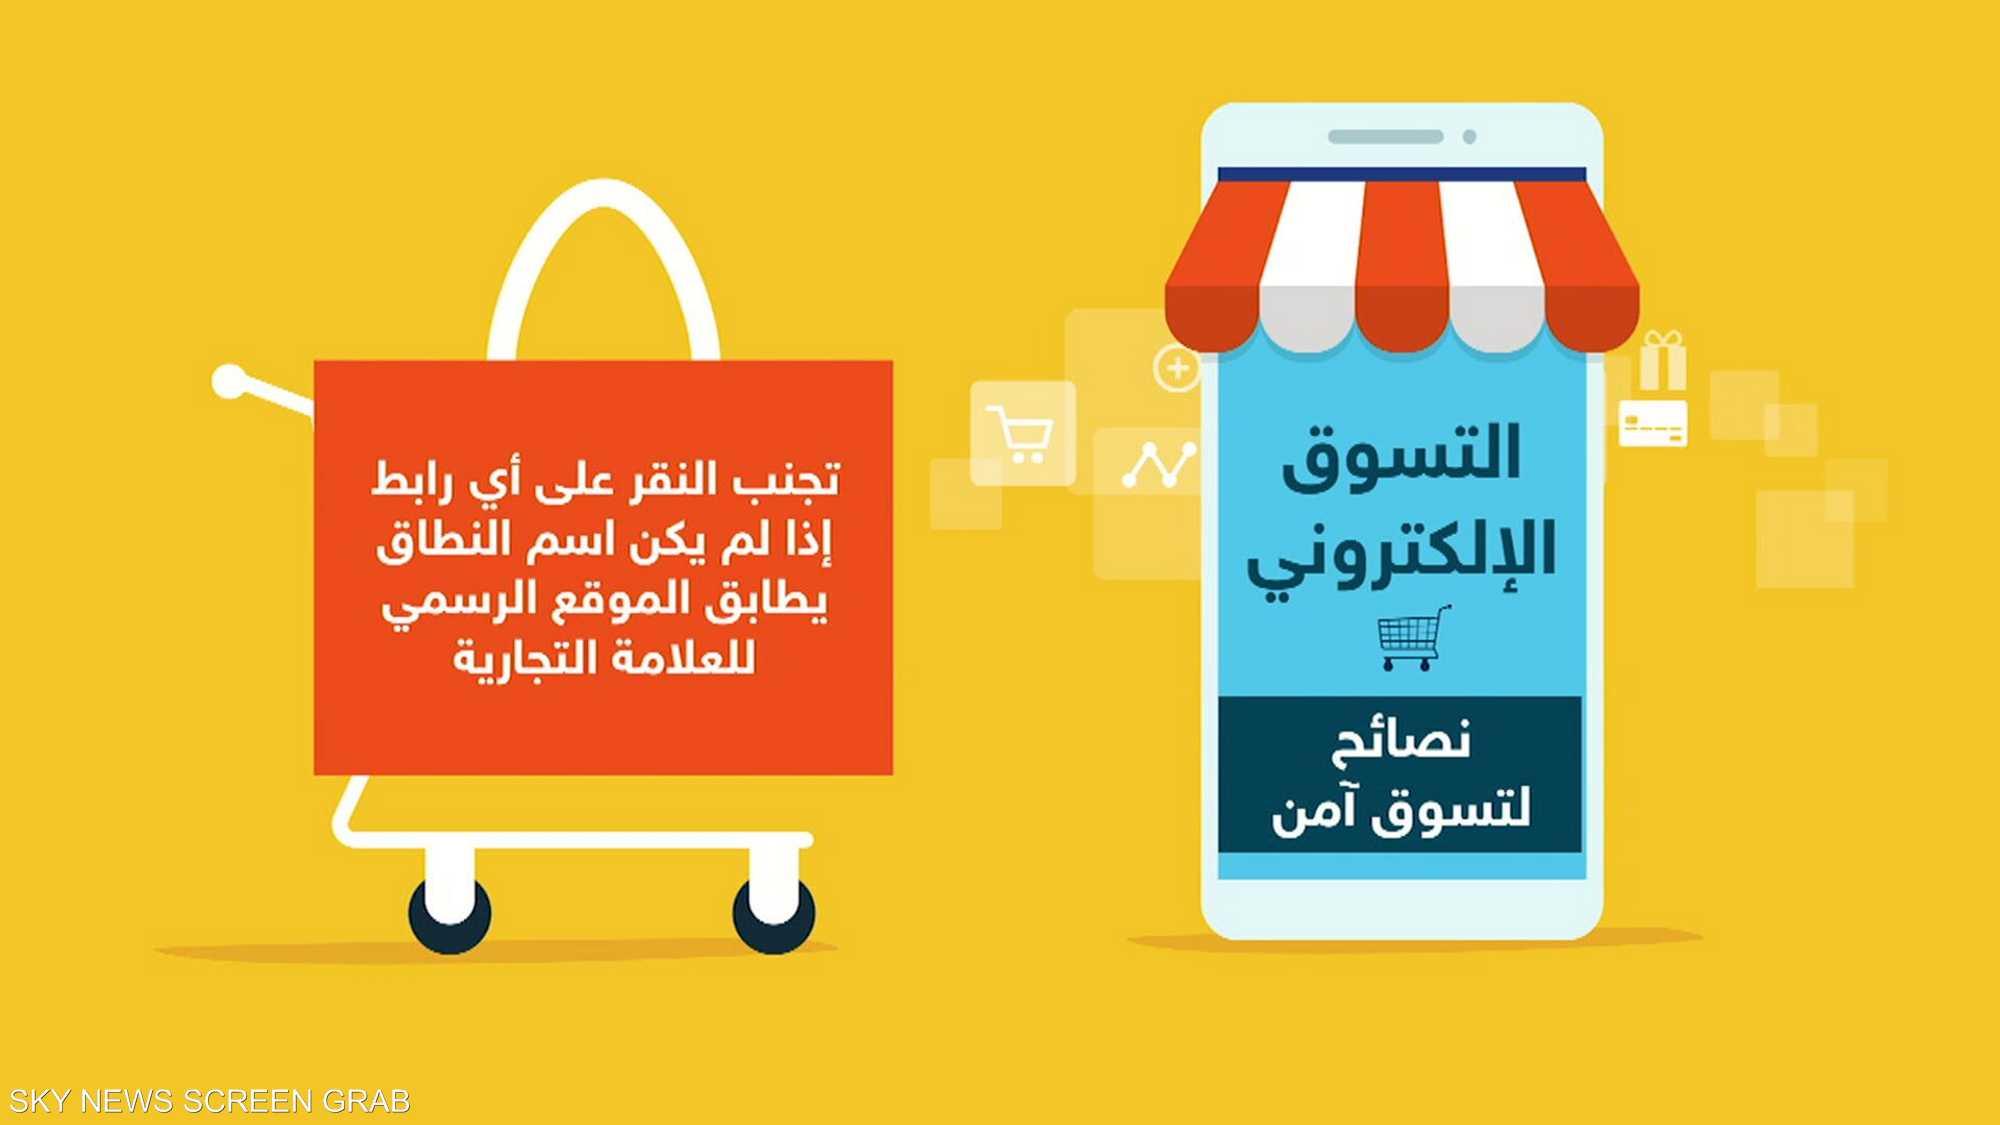 """مخاطر الاحتيال تهدد المتسوقين في """"الجمعة البيضاء"""""""